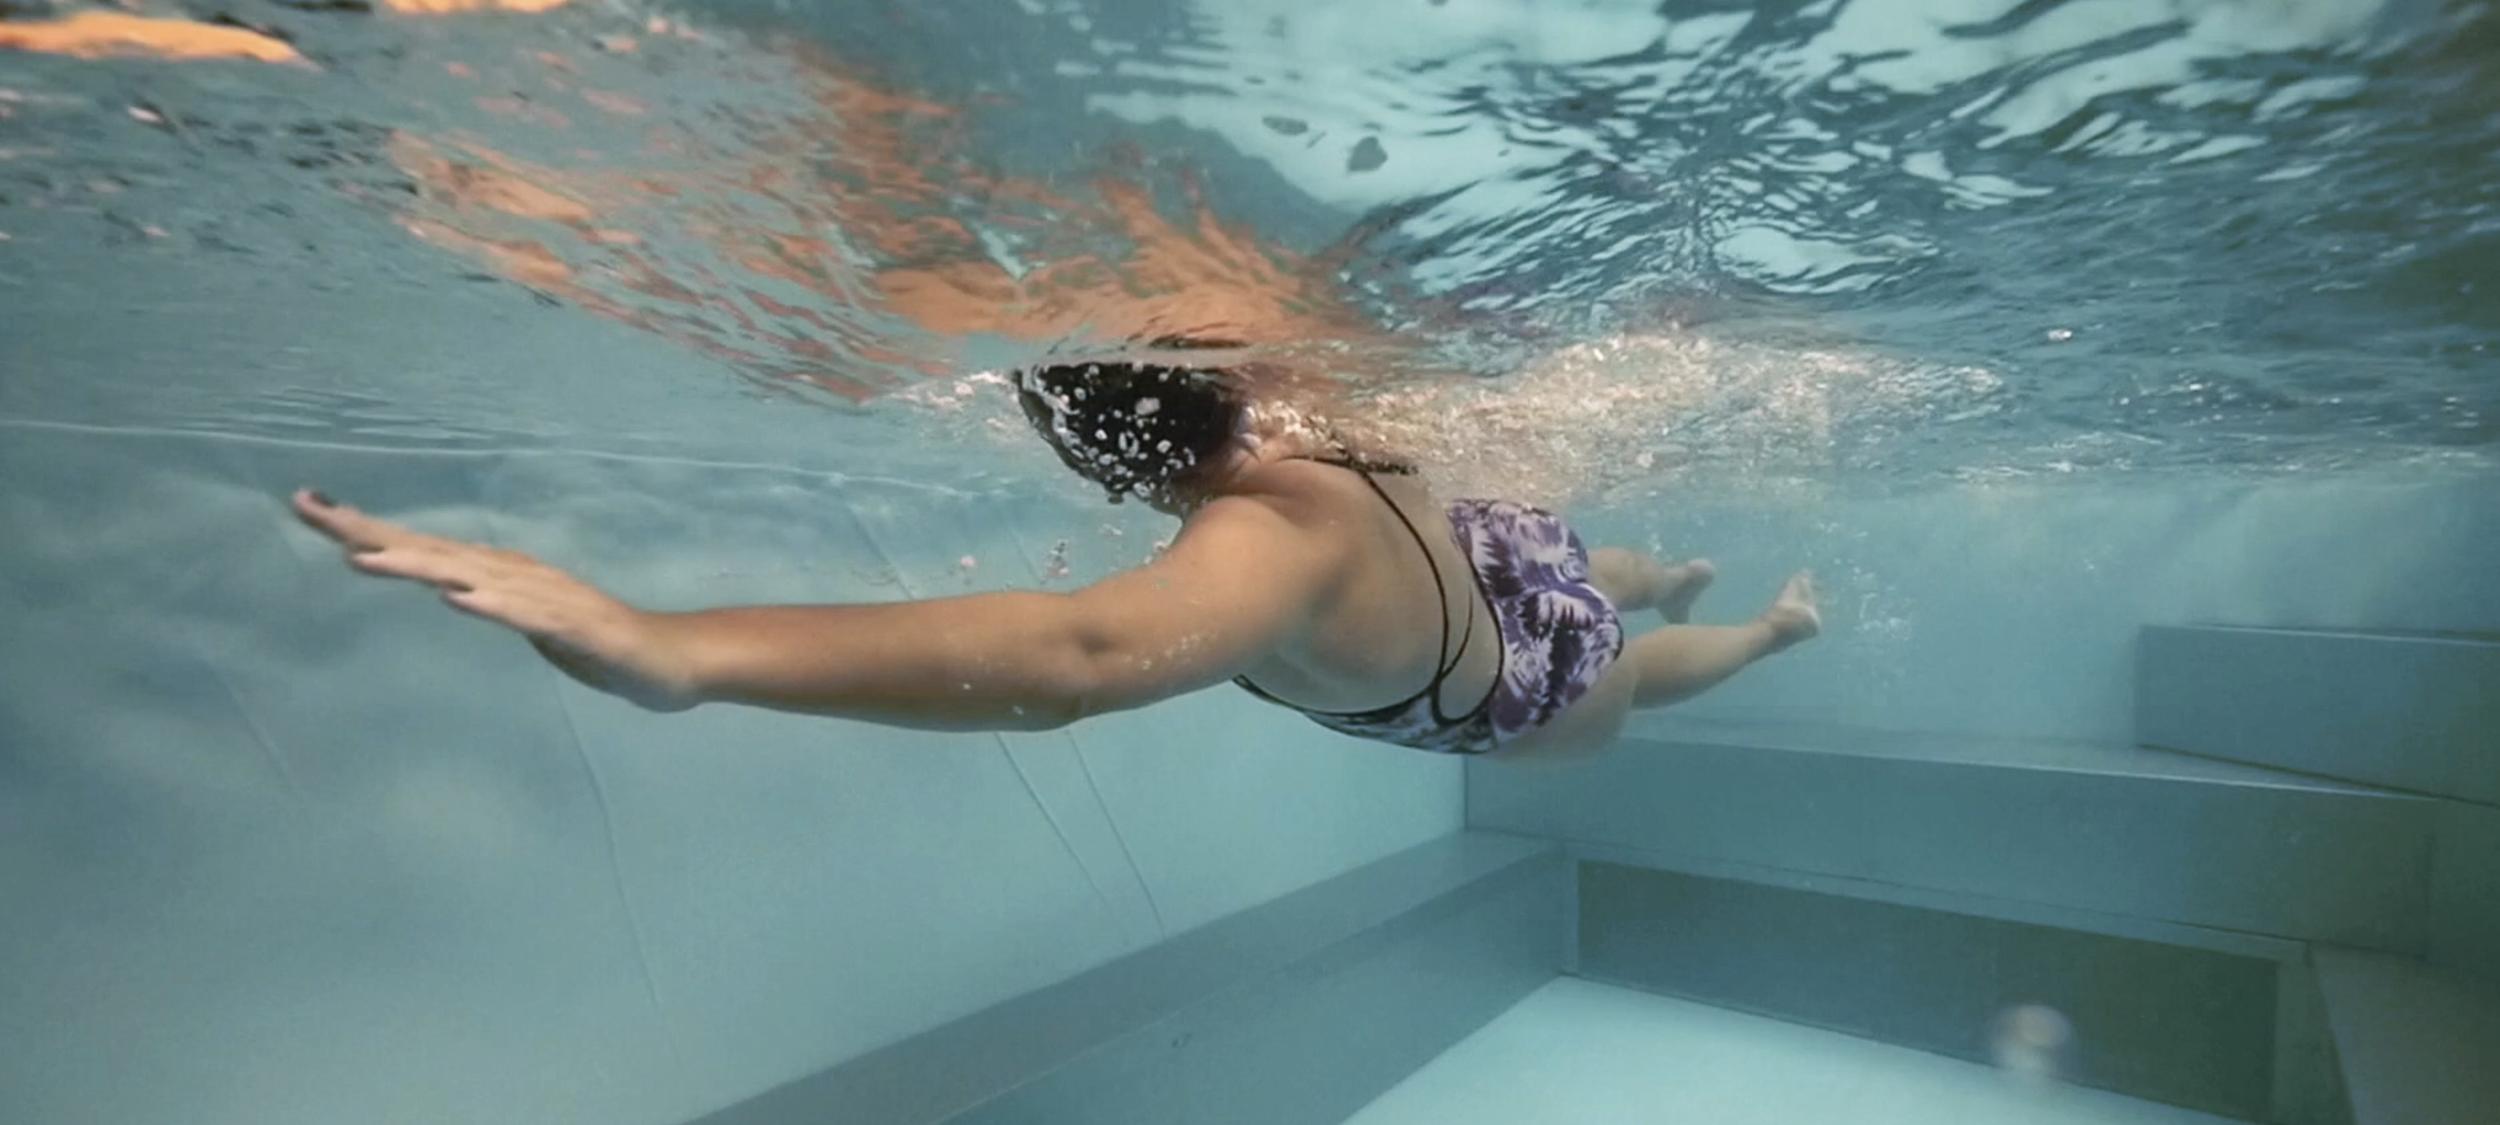 SwimBox Swimming Lessons SwimBox Arlington SwimBox Herndon Swim Coach SwimBox Swim Team